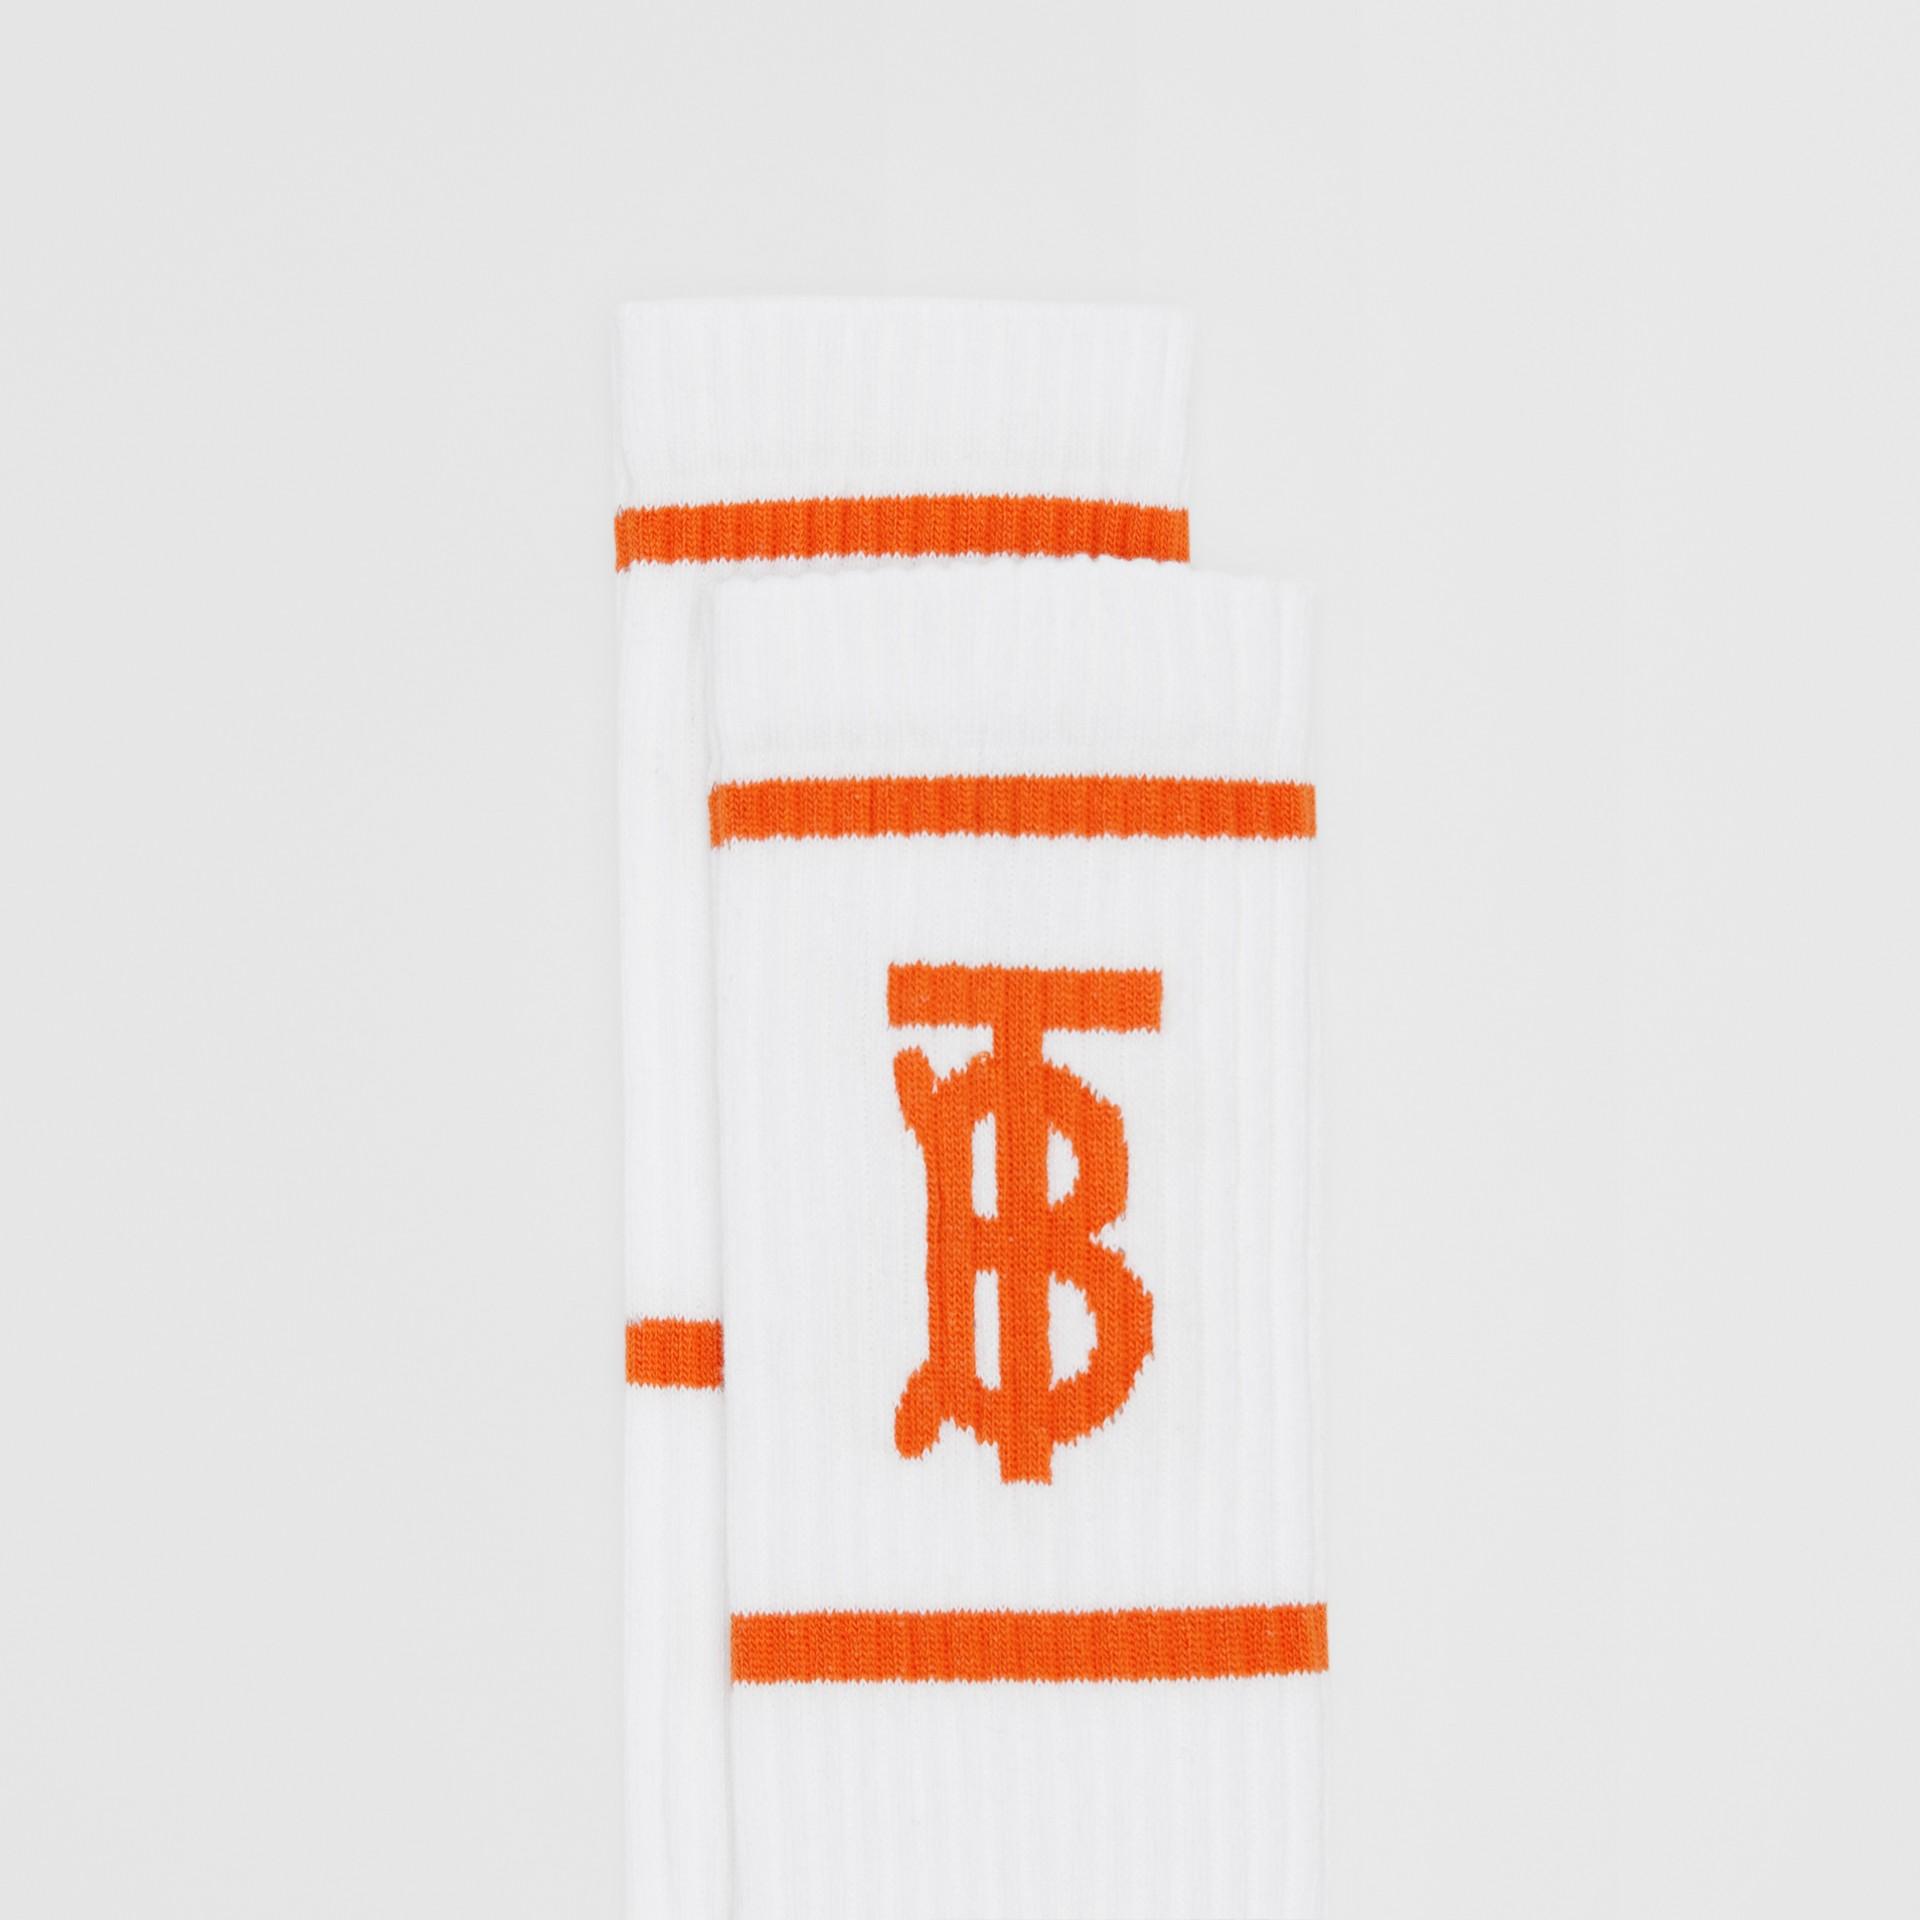 Calzini con motivo monogramma a intarsio (Bianco/arancio) | Burberry - immagine della galleria 1